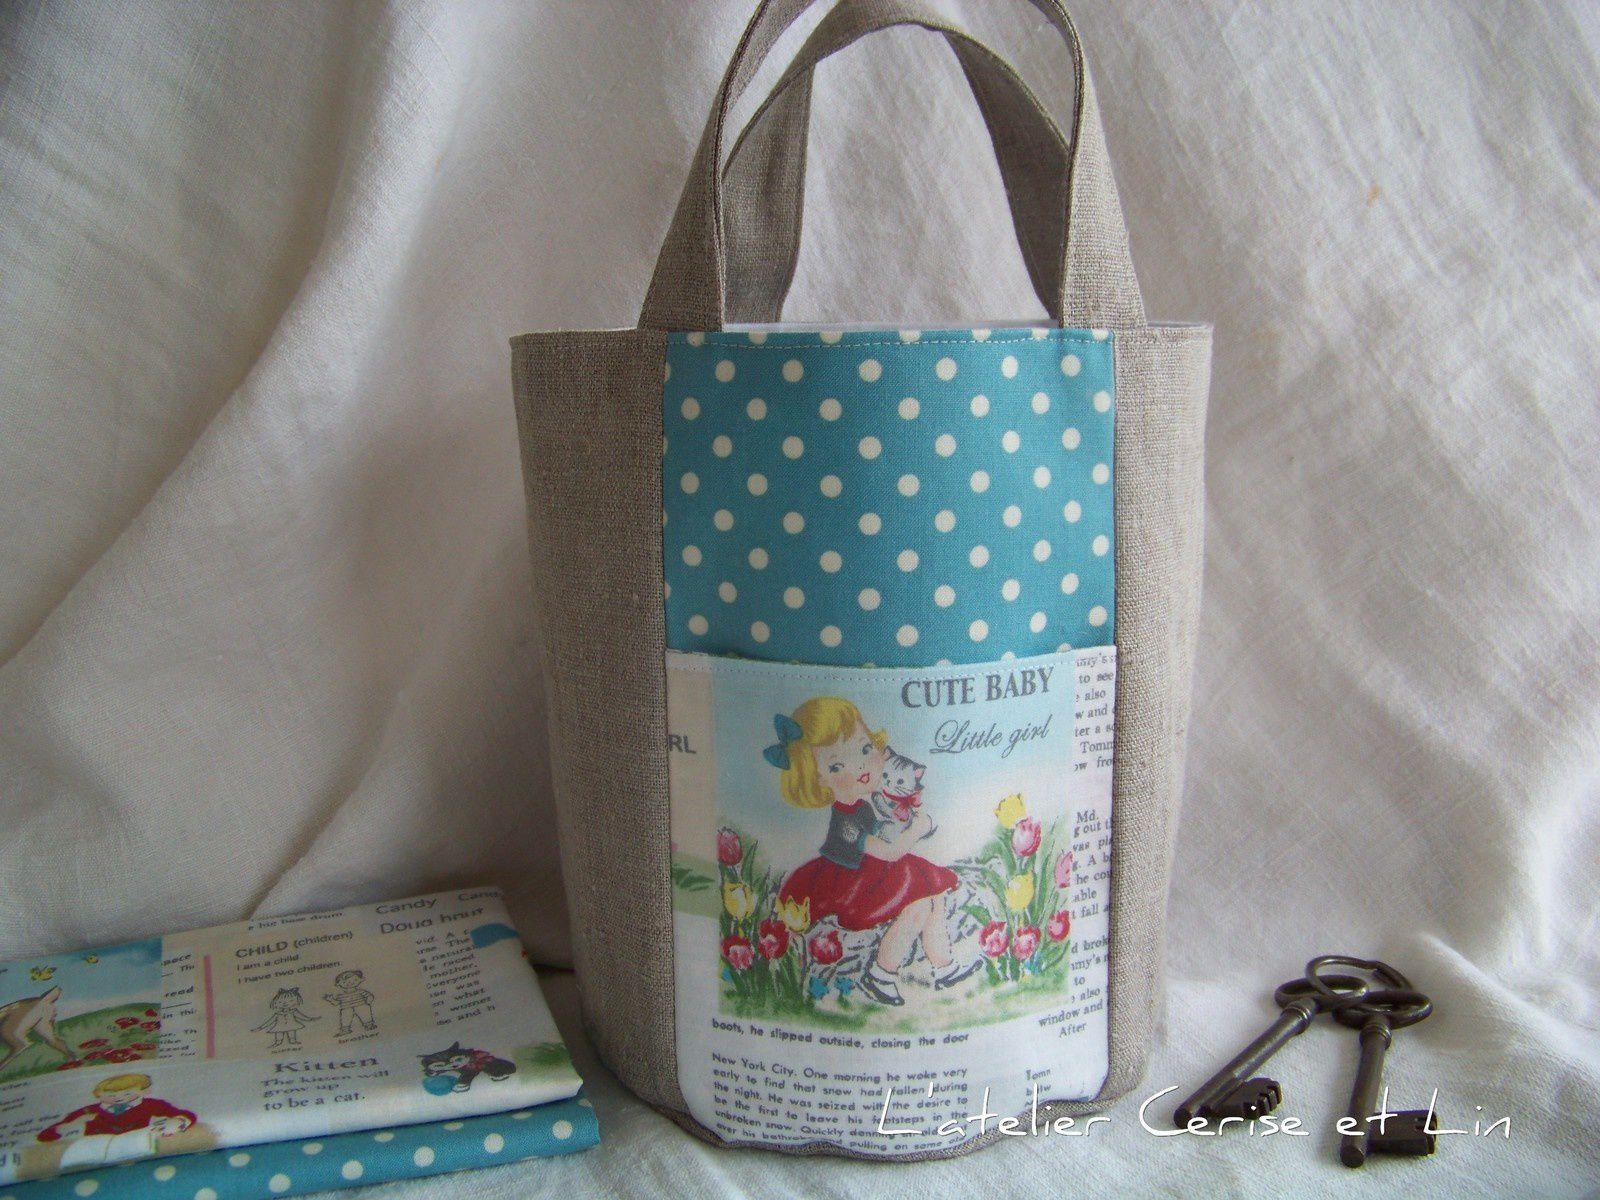 sacs ronds esprit vintage l atelier cerise et lin